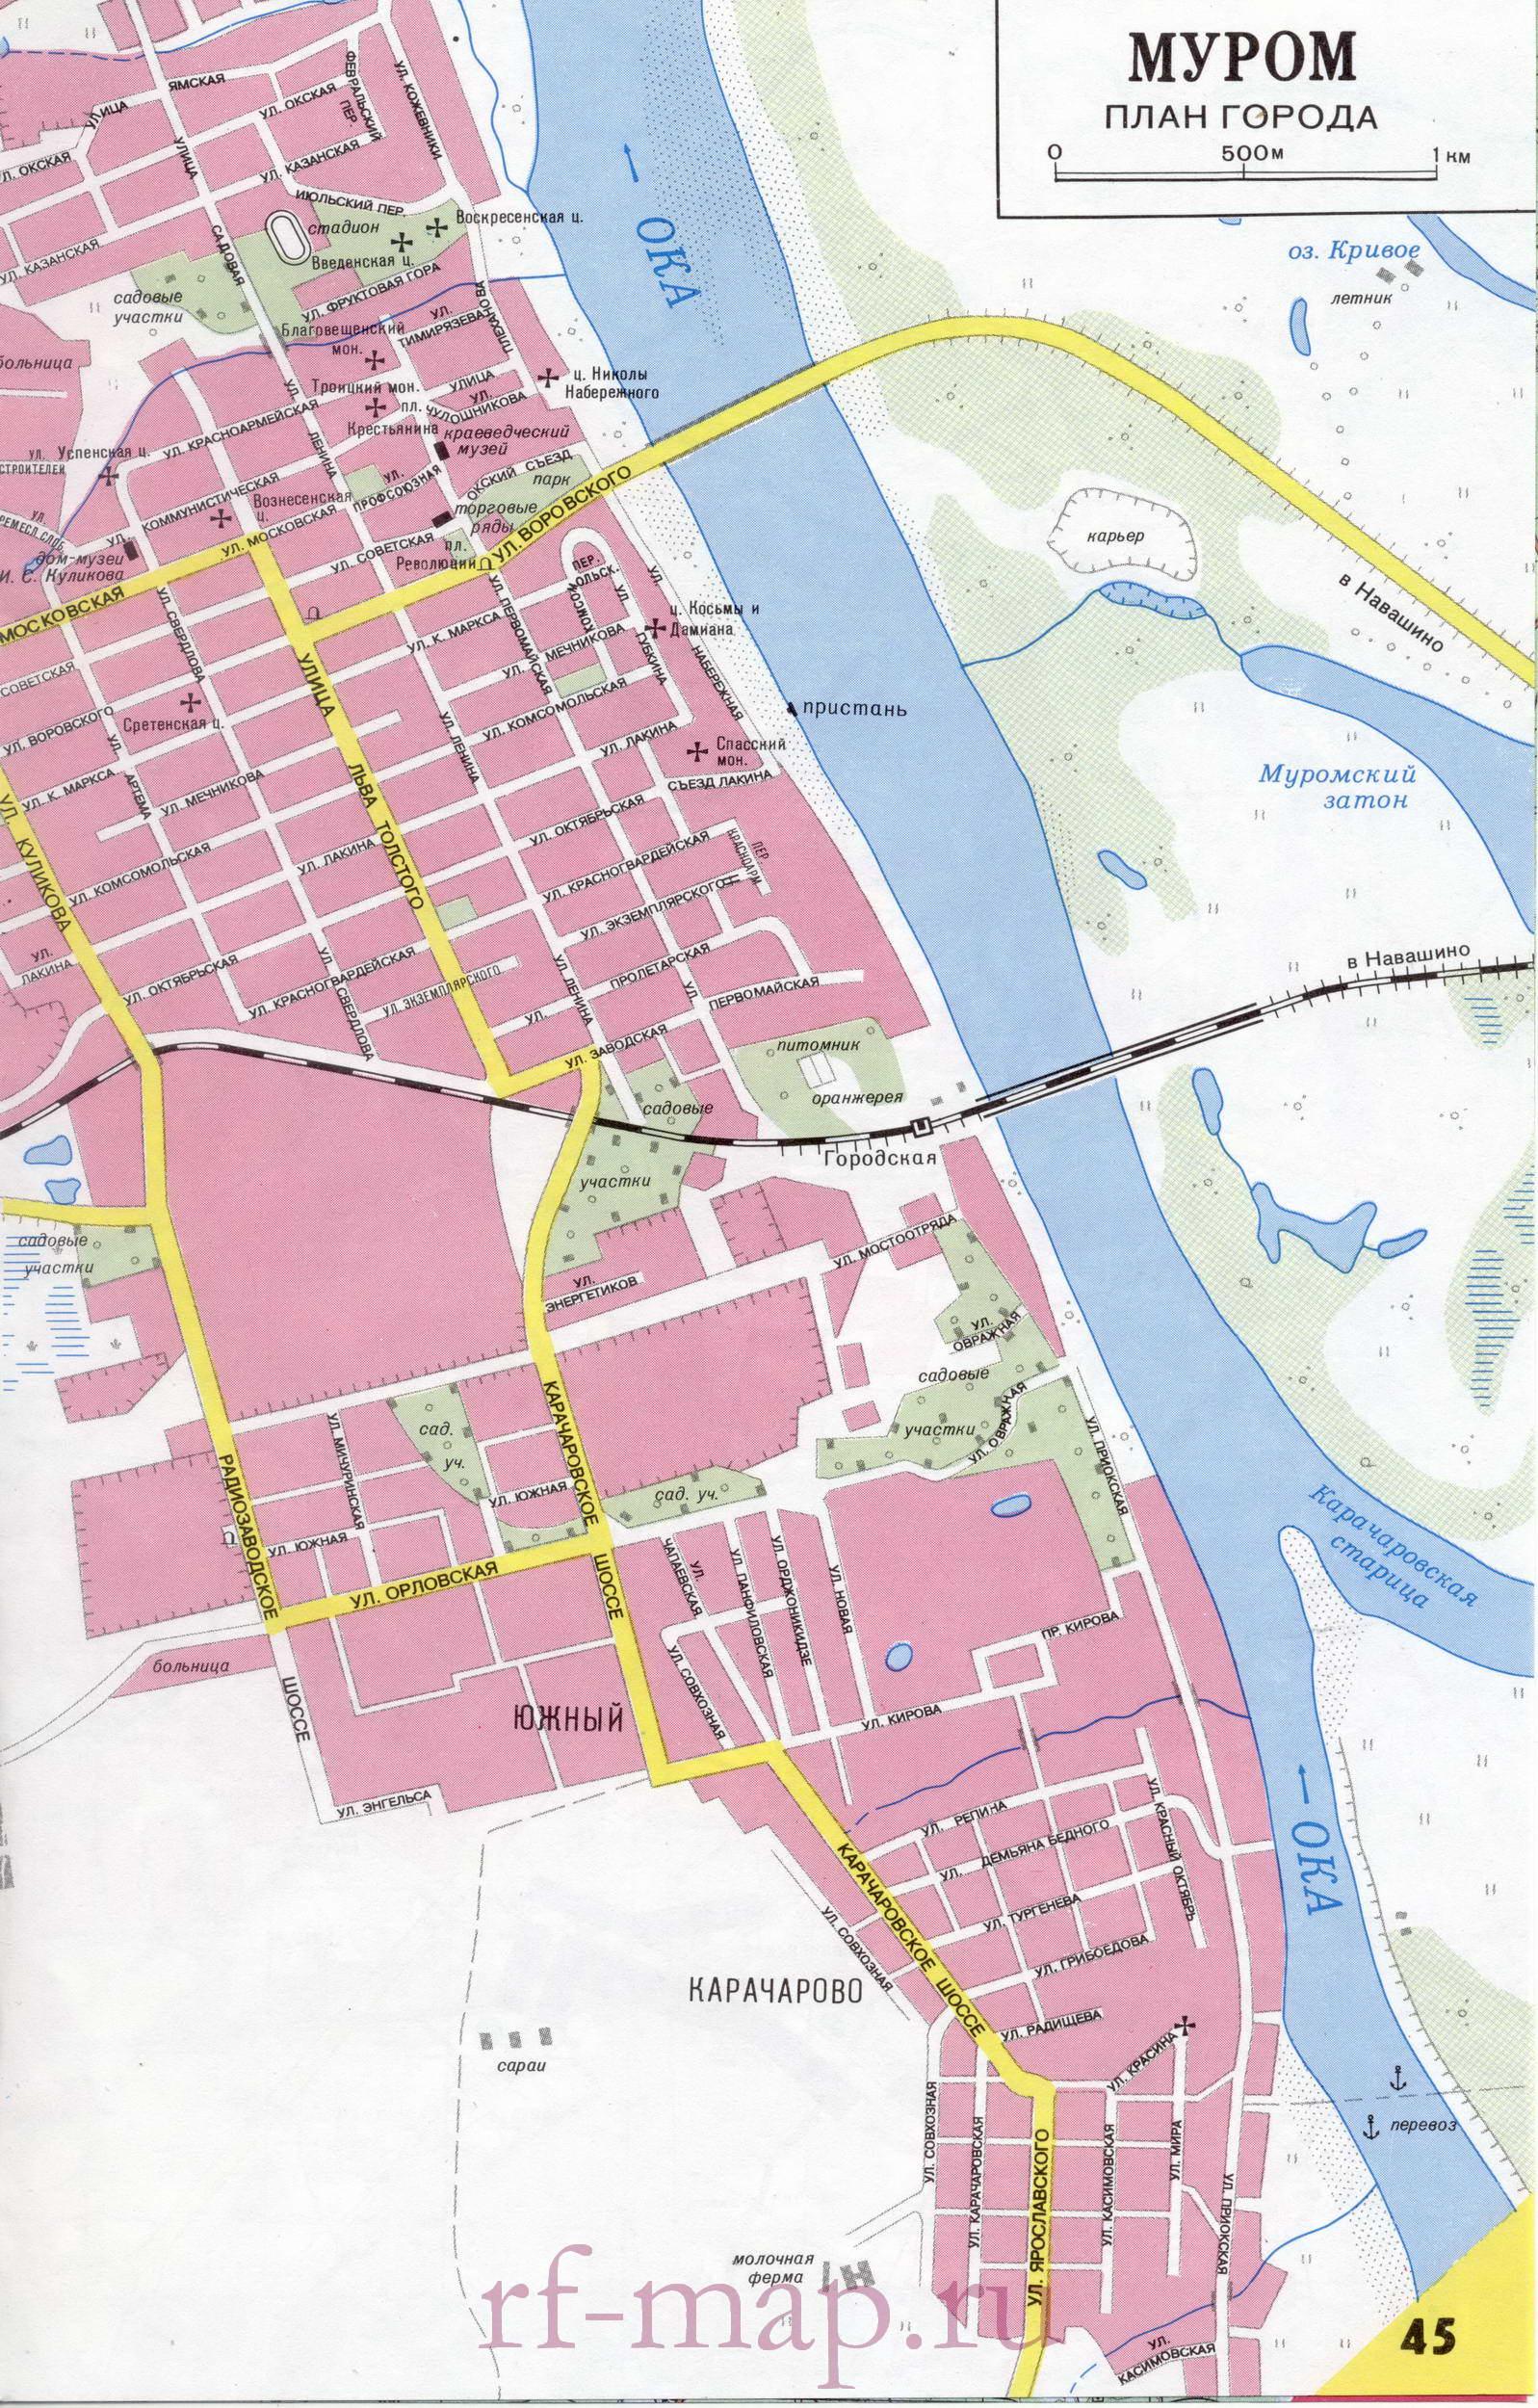 Муром карта города.  Подробная карта Мурома с названиями улиц и схемой проезда грузового транспорта.